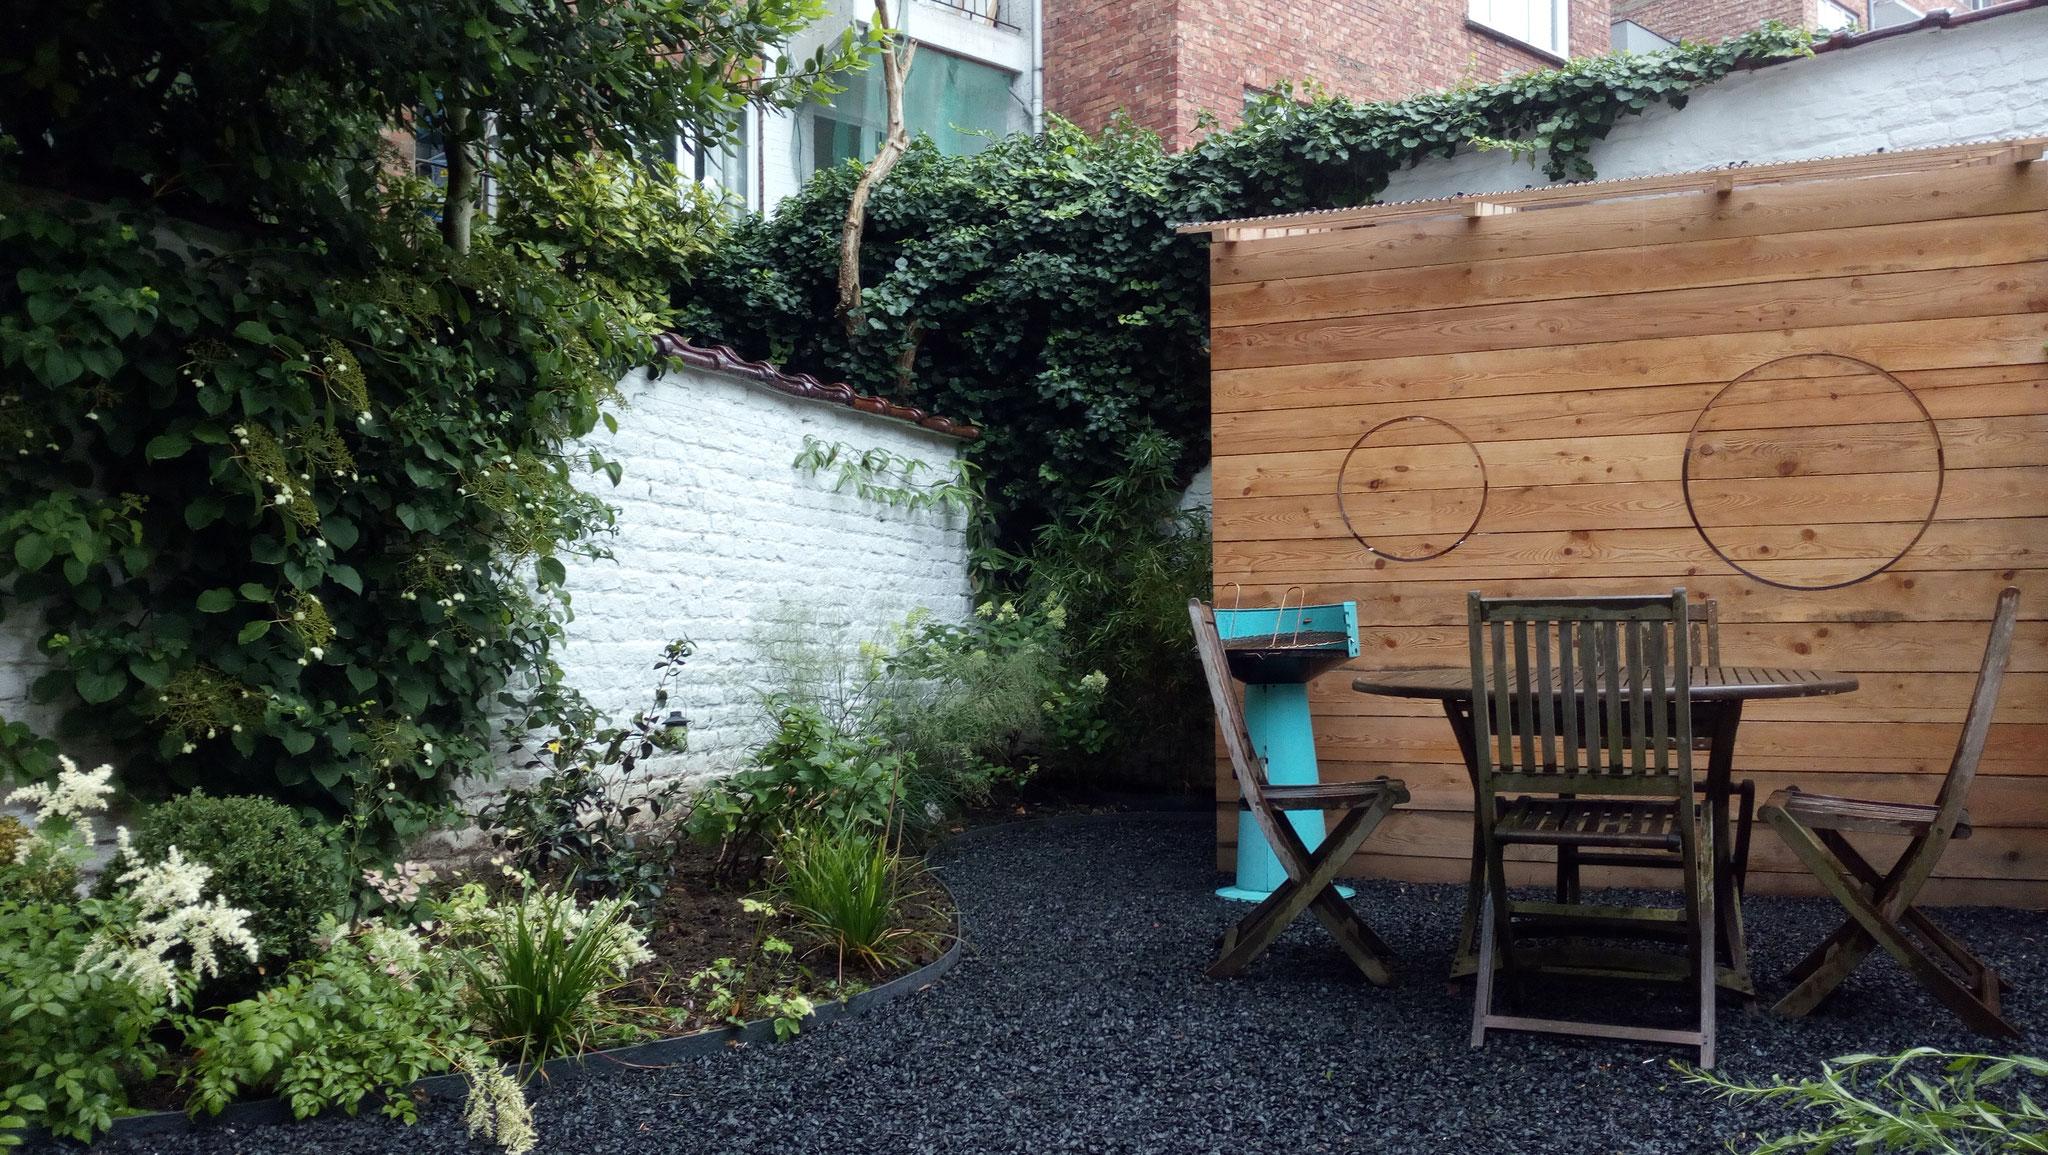 Jardin/ Cour Ixelles - Paillettes de schiste au sol. Amenagement jardin Bruxelles